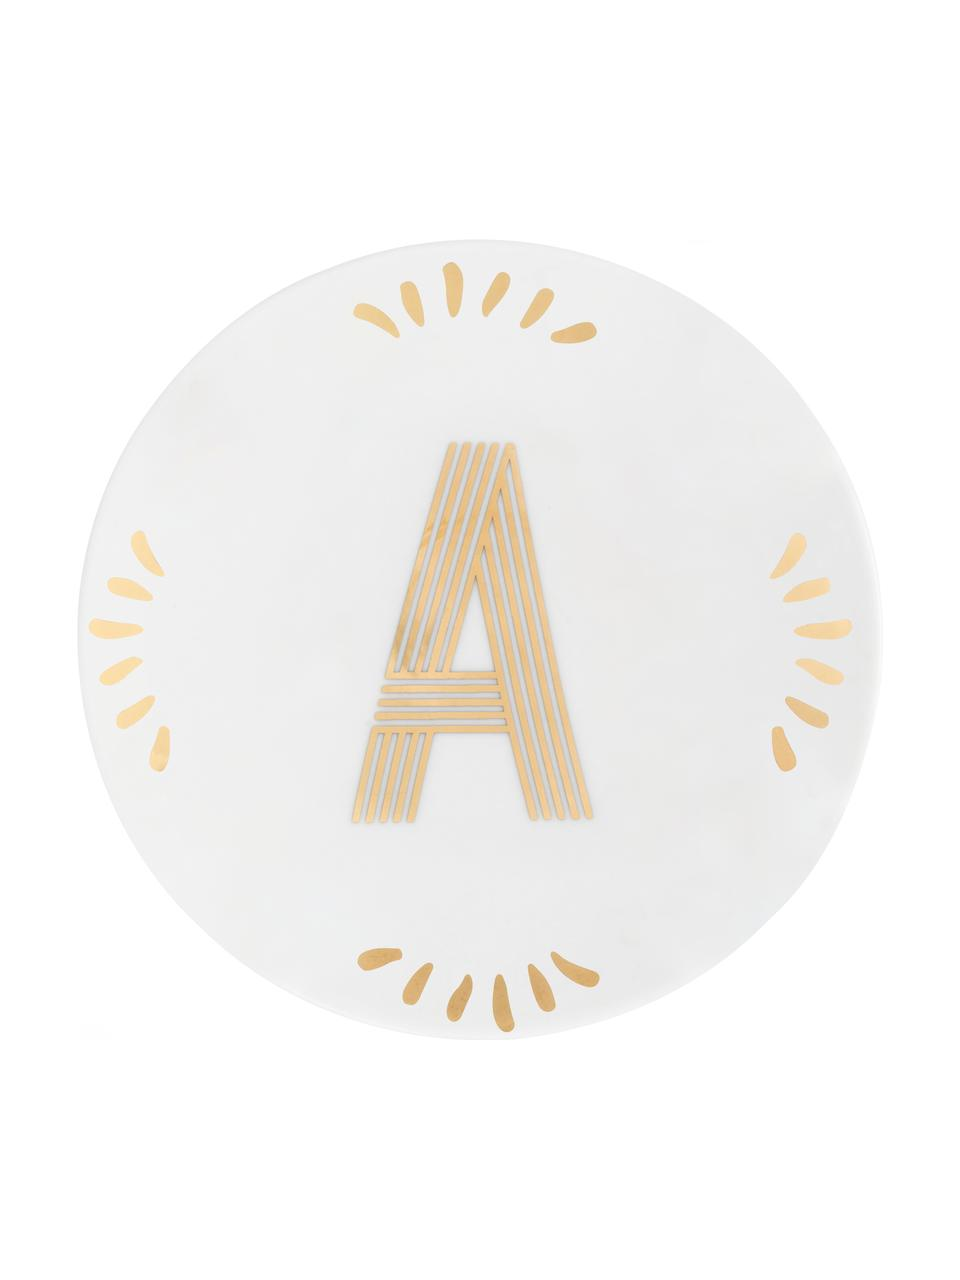 Piatto colazione in porcellana Yours (varianti dalla A alla Z), Porcellana, Bianco, dorato, Piatto A